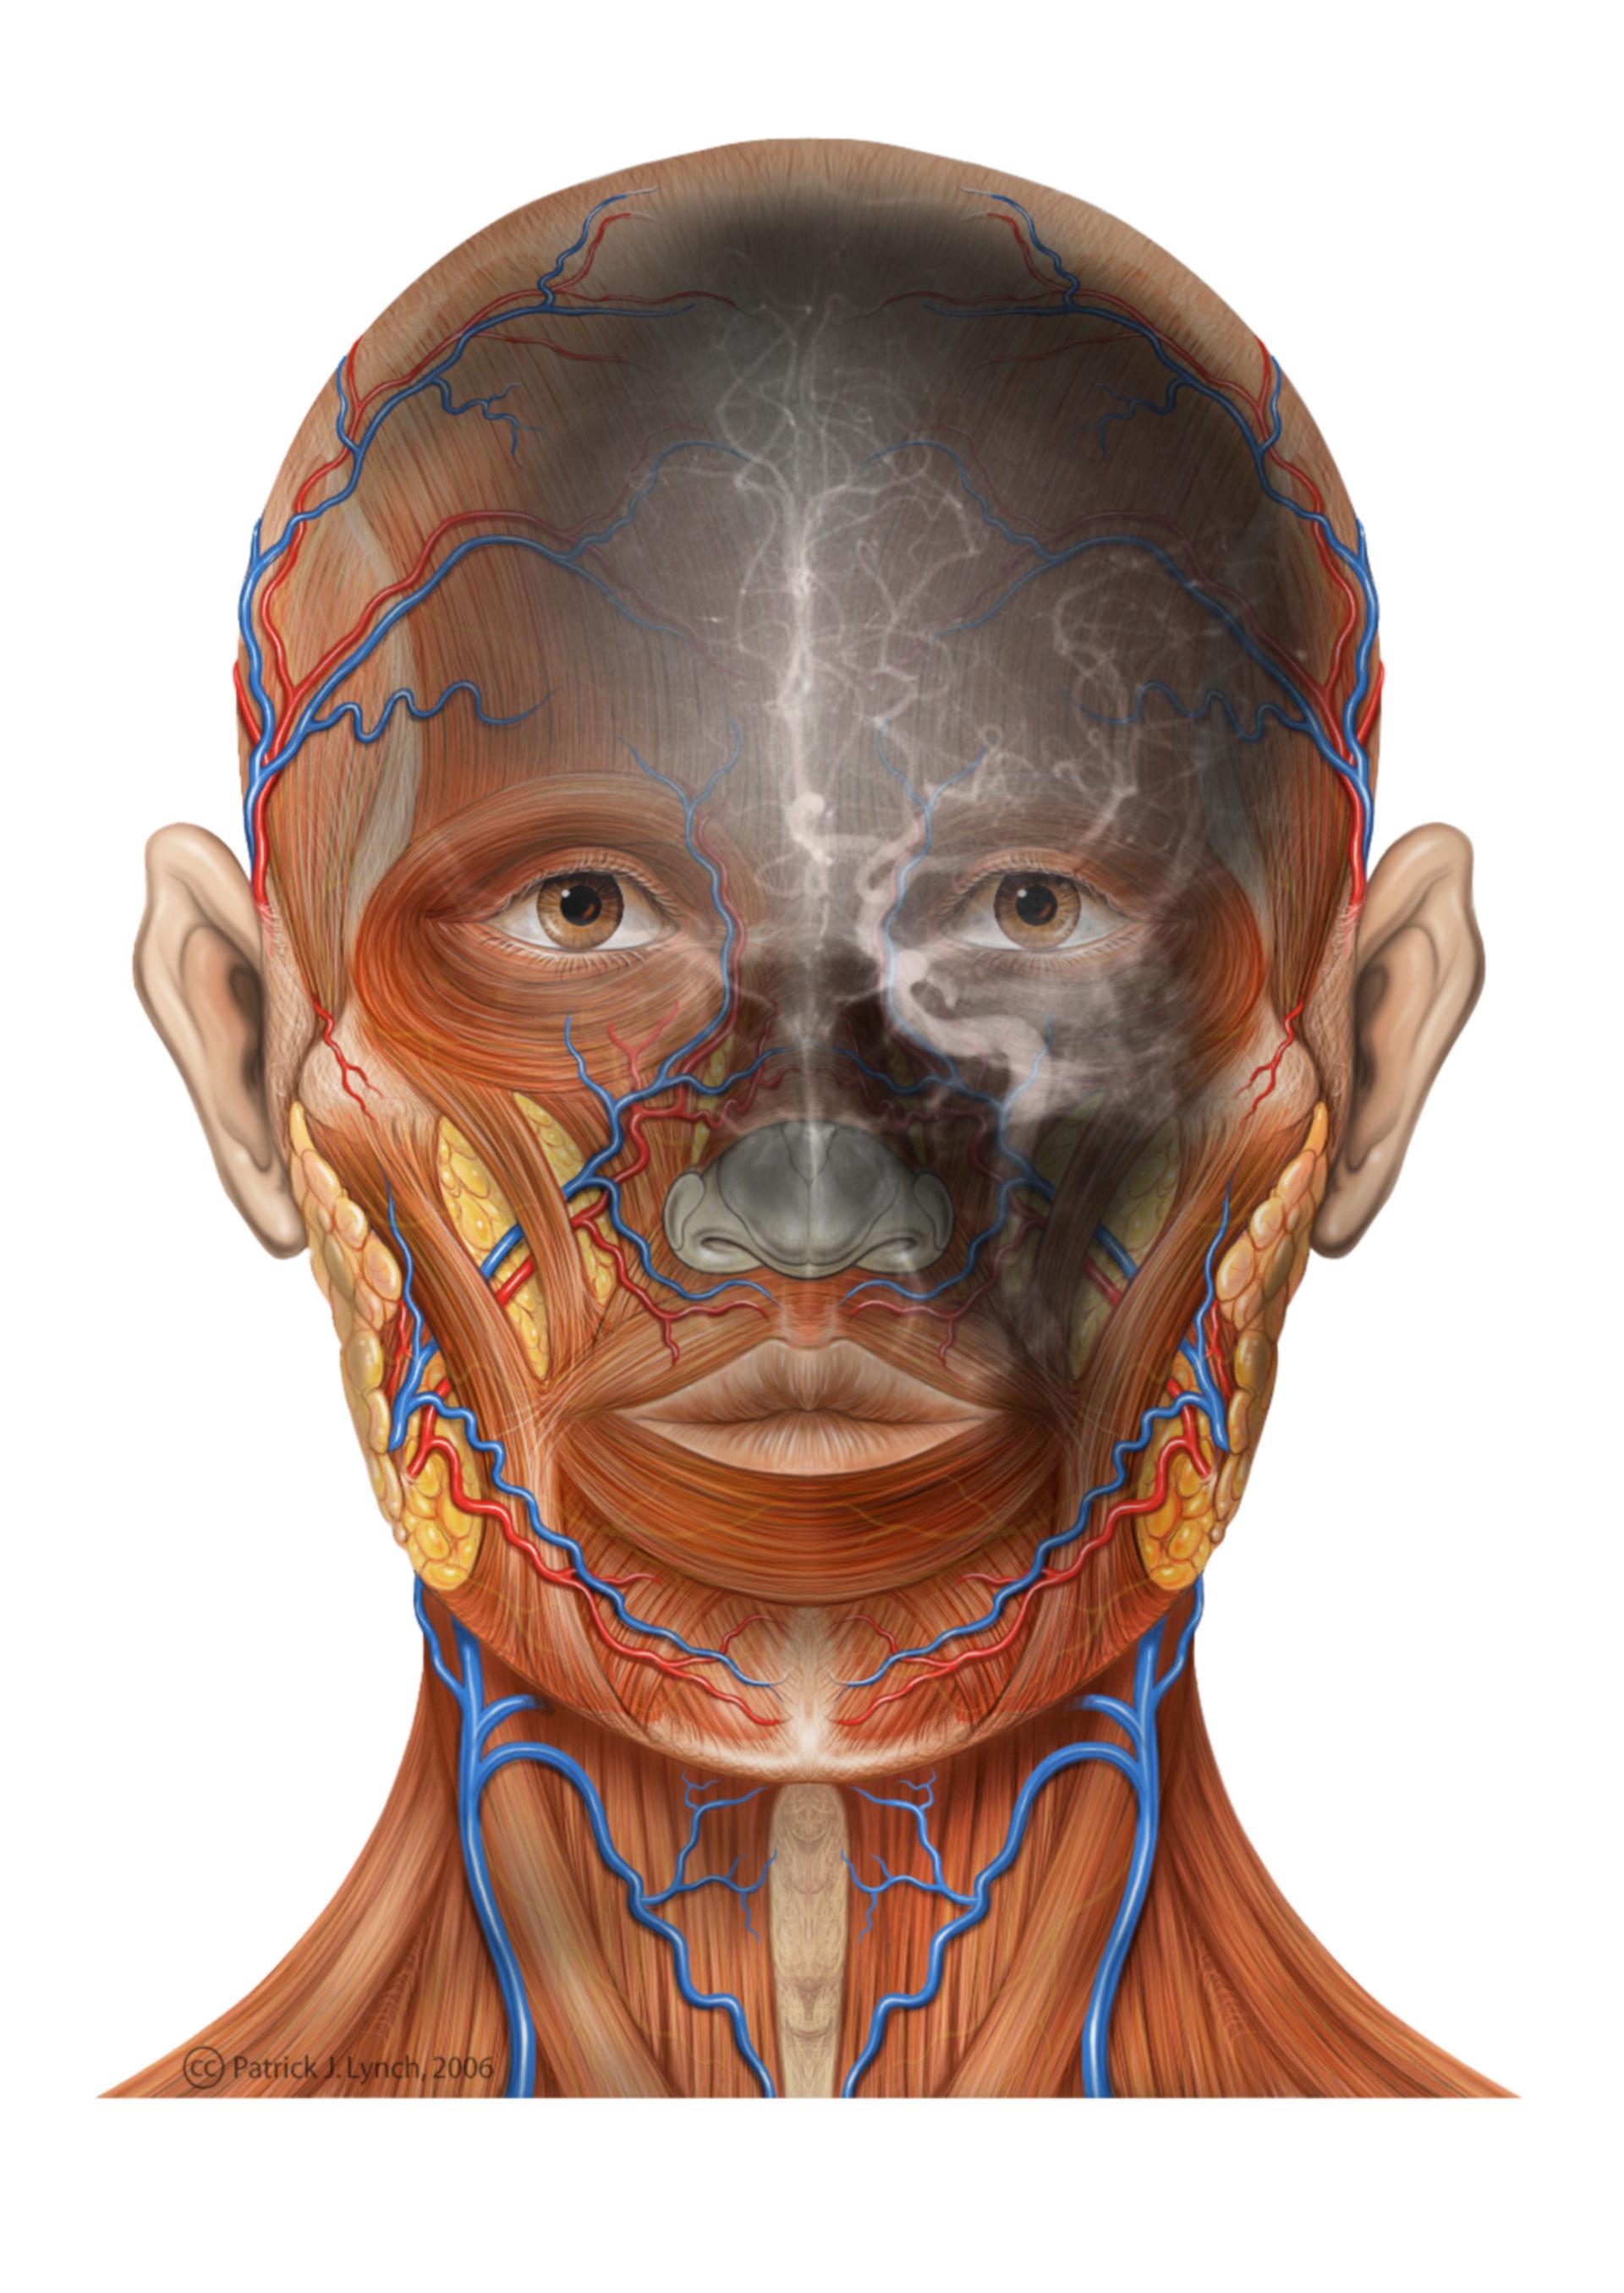 Anatomie des Kopfes (Illustration mit Angiogramm)